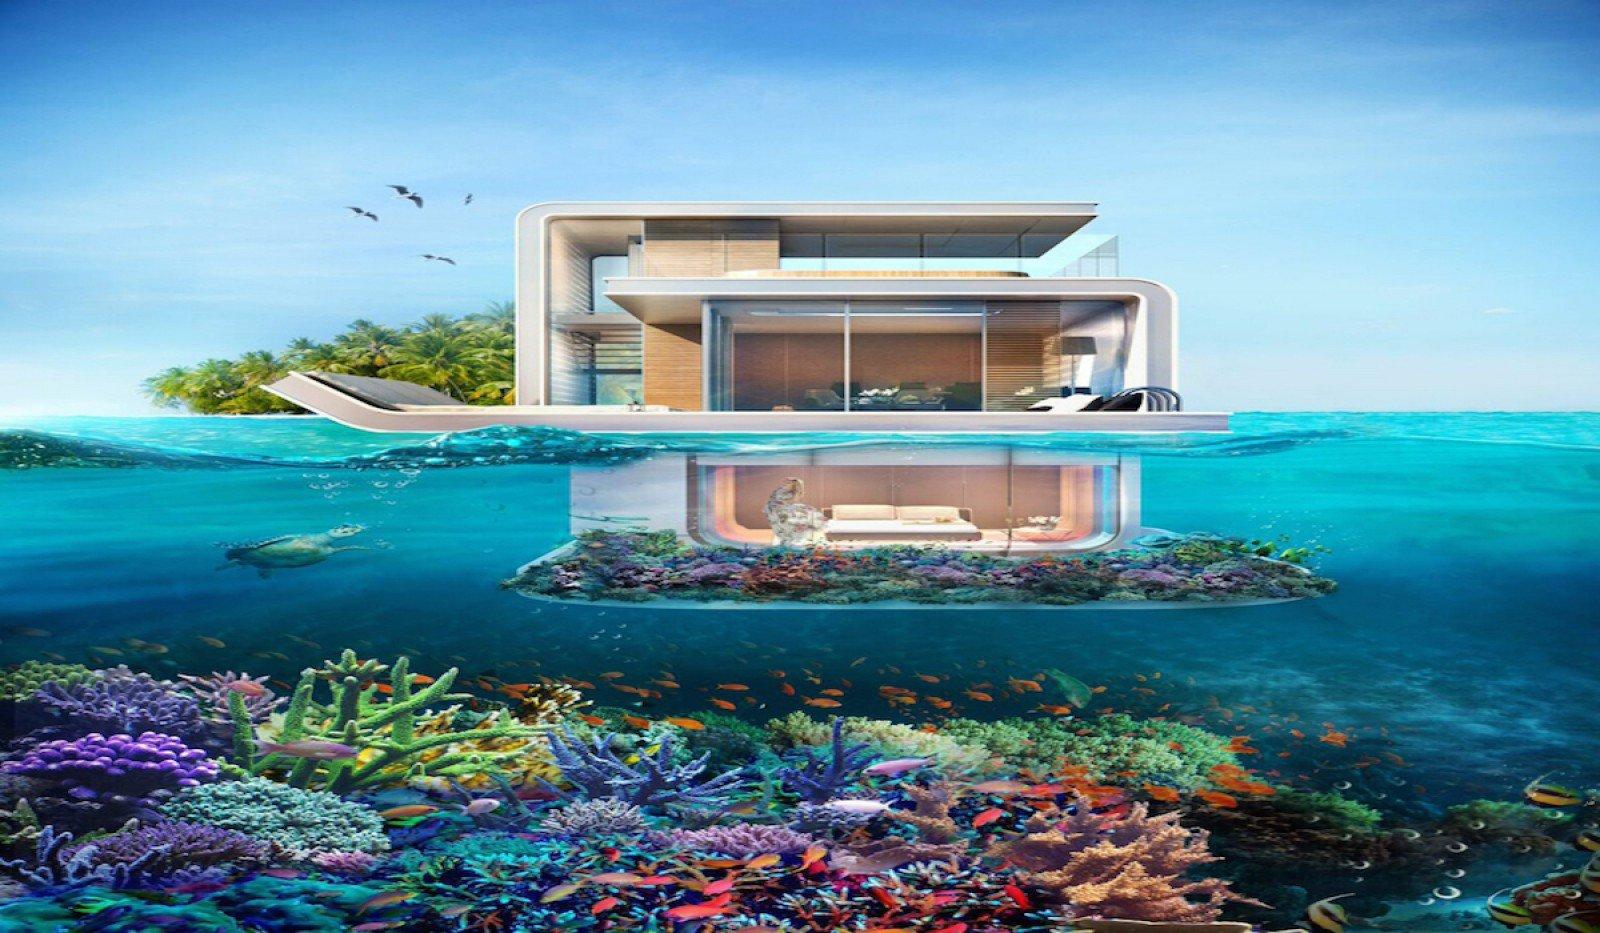 Casas de lujo a la venta en dubai est n sumergidas en el mar - Casas de lujo en el mundo ...